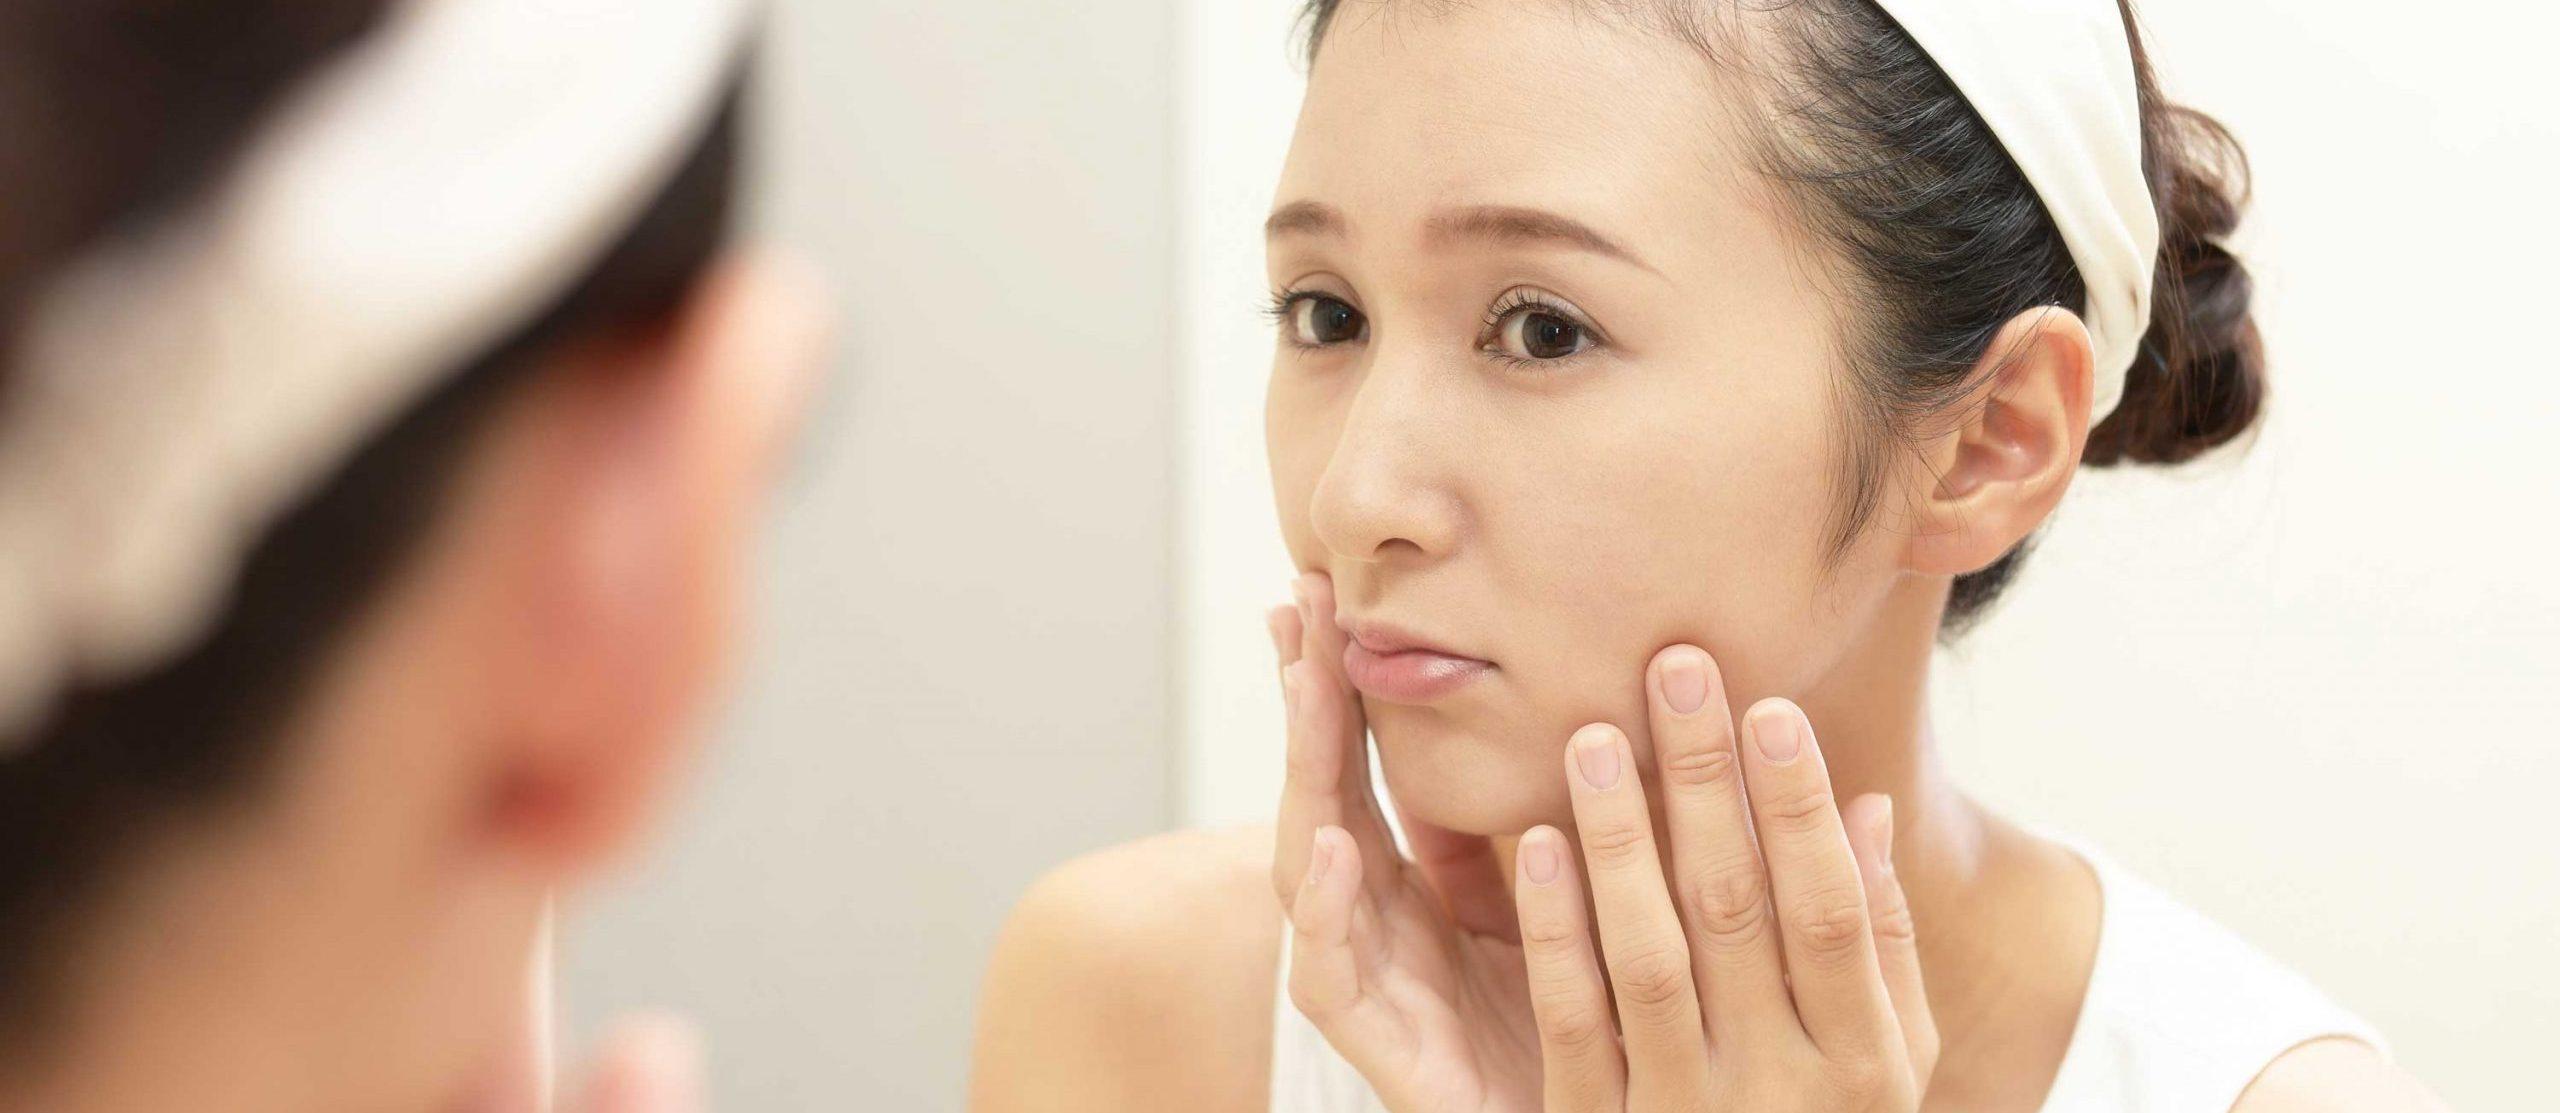 美容医療|郡山で美容治療が受けられる歯医者